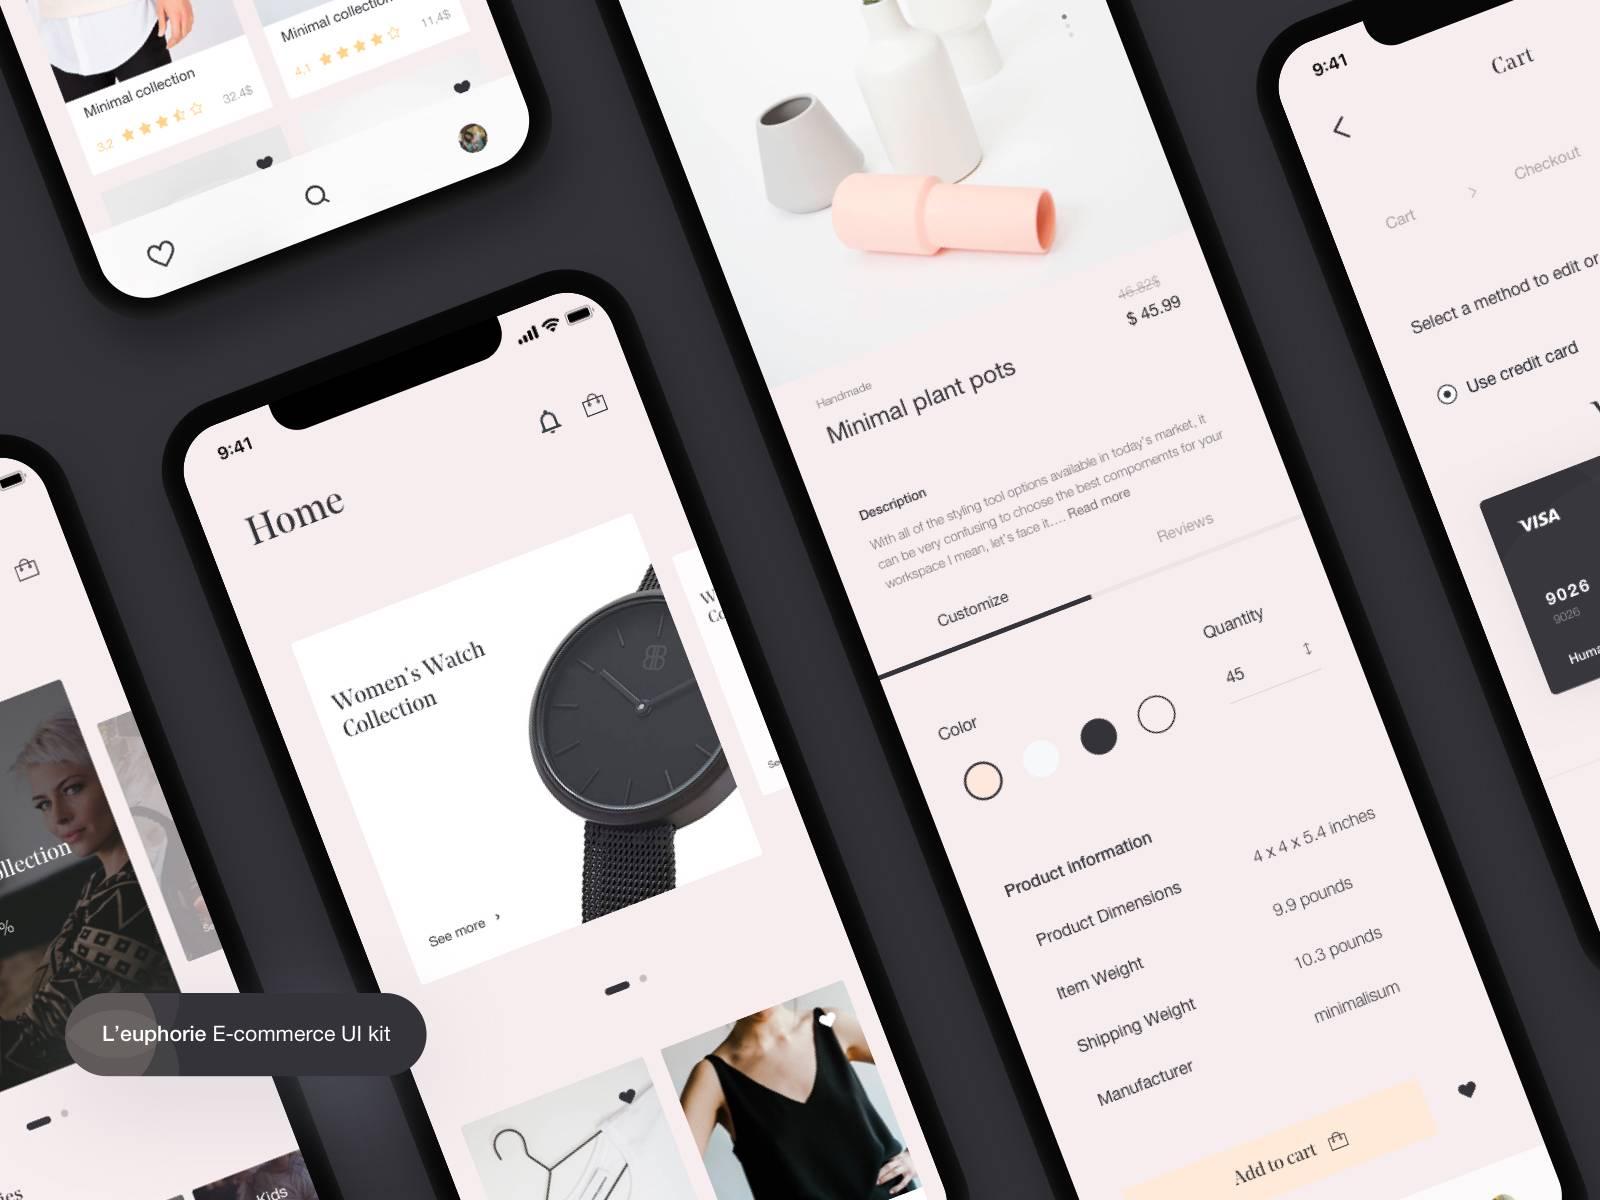 电商app UI模板界面设计 .sketch素材下载 界面-第1张